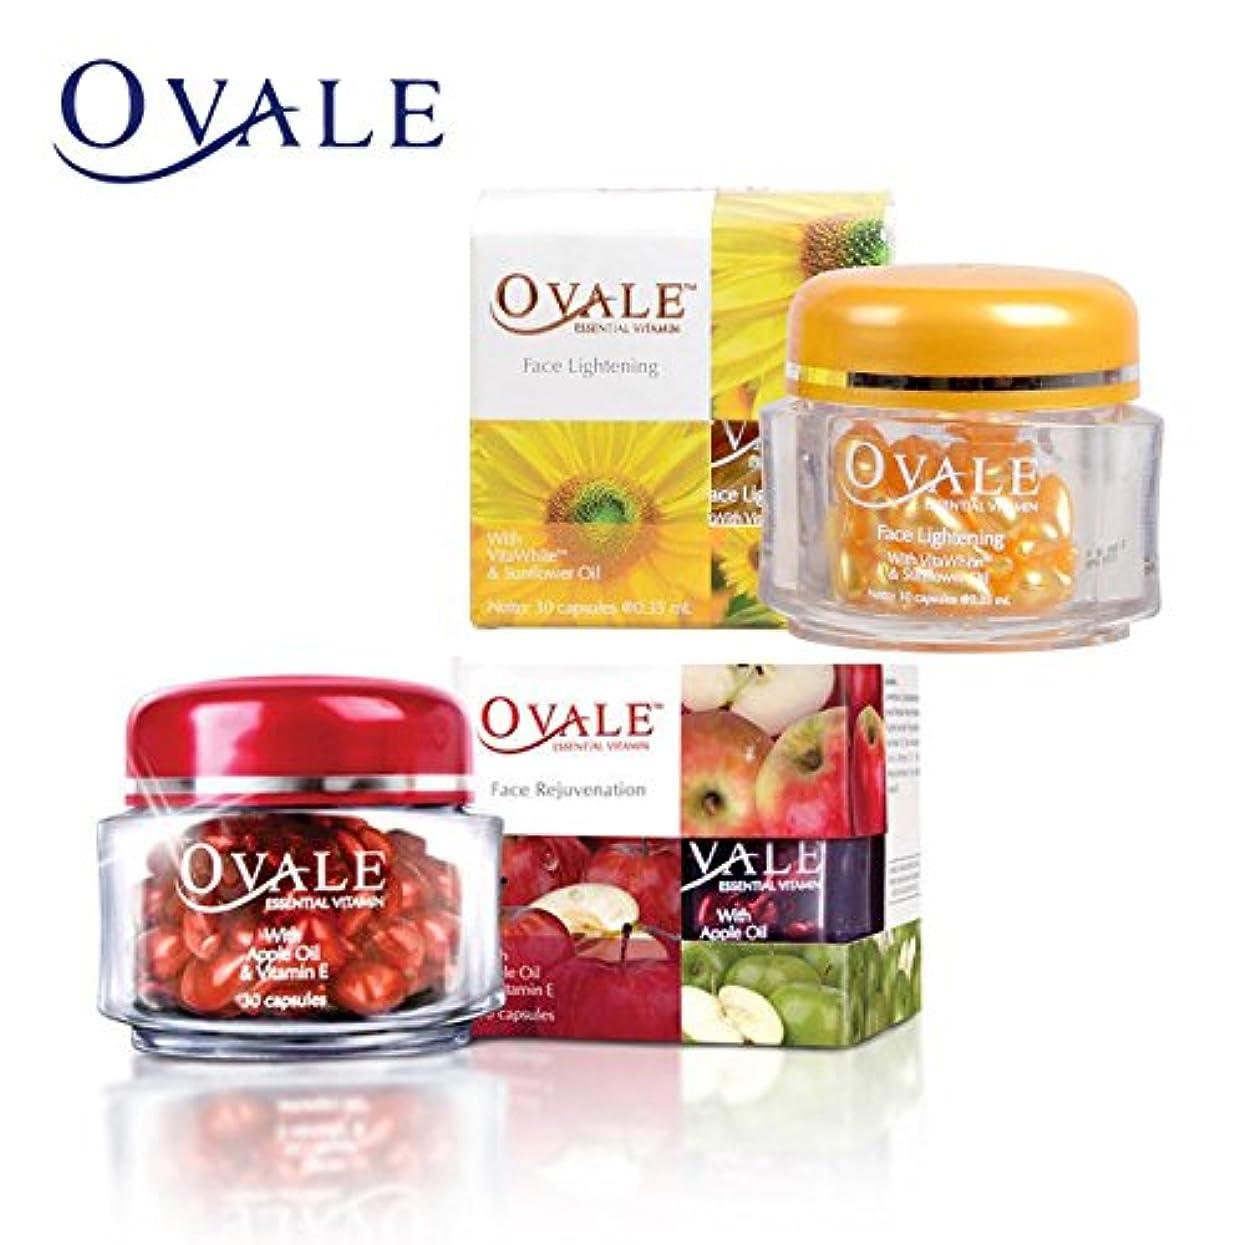 近代化する奇跡海峡Ovale オーバル フェイシャル美容液 essential vitamin エッセンシャルビタミン 30粒入ボトル×5個 アップル [海外直送品]